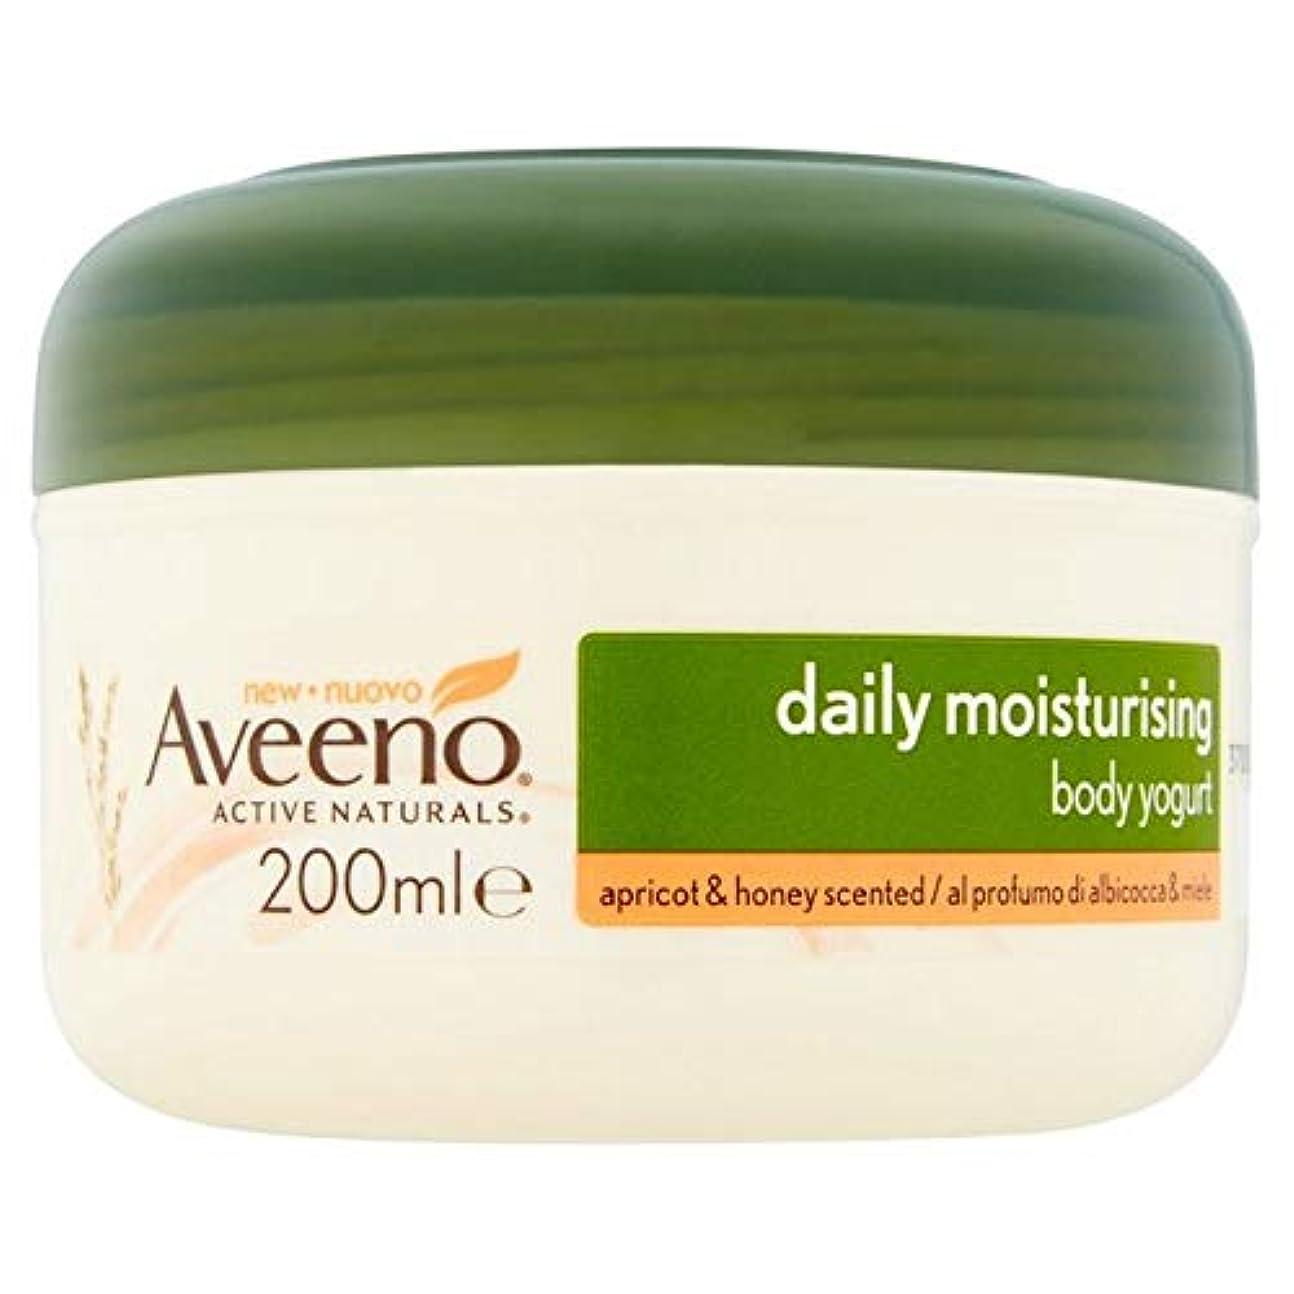 宝現象途方もない[Aveeno] Aveeno毎日保湿ボディヨーグルトアプリコット&ハニー200ミリリットル - Aveeno Daily Moisturising Body Yogurts Apricot & Honey 200ml [並行輸入品]